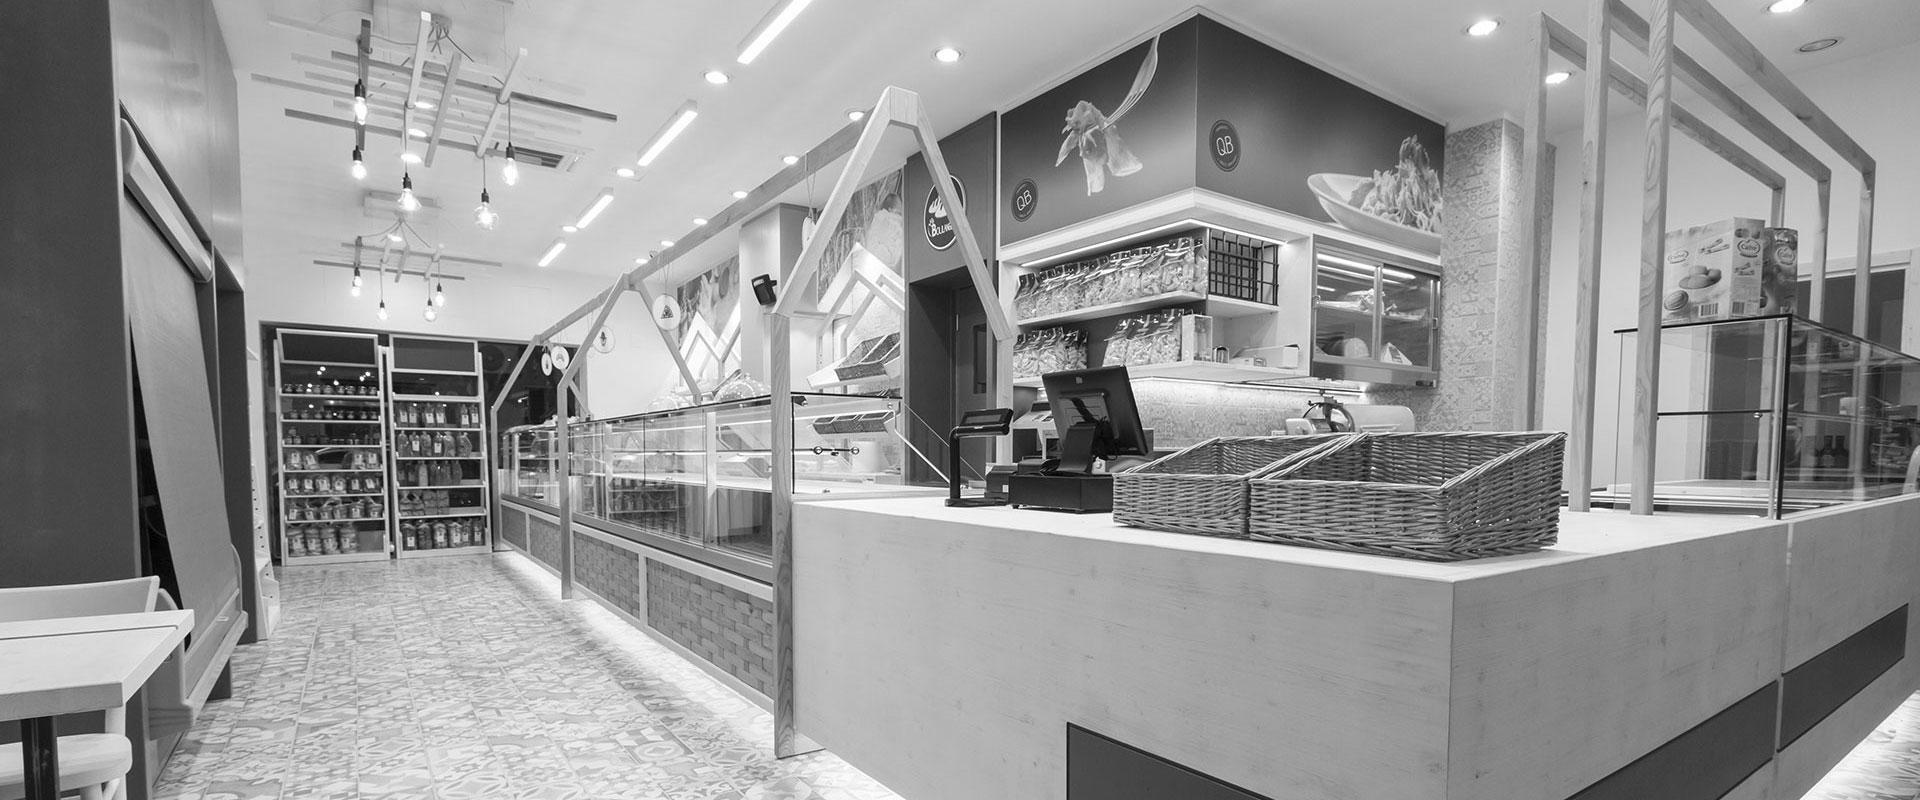 00-boulangerie-salerno